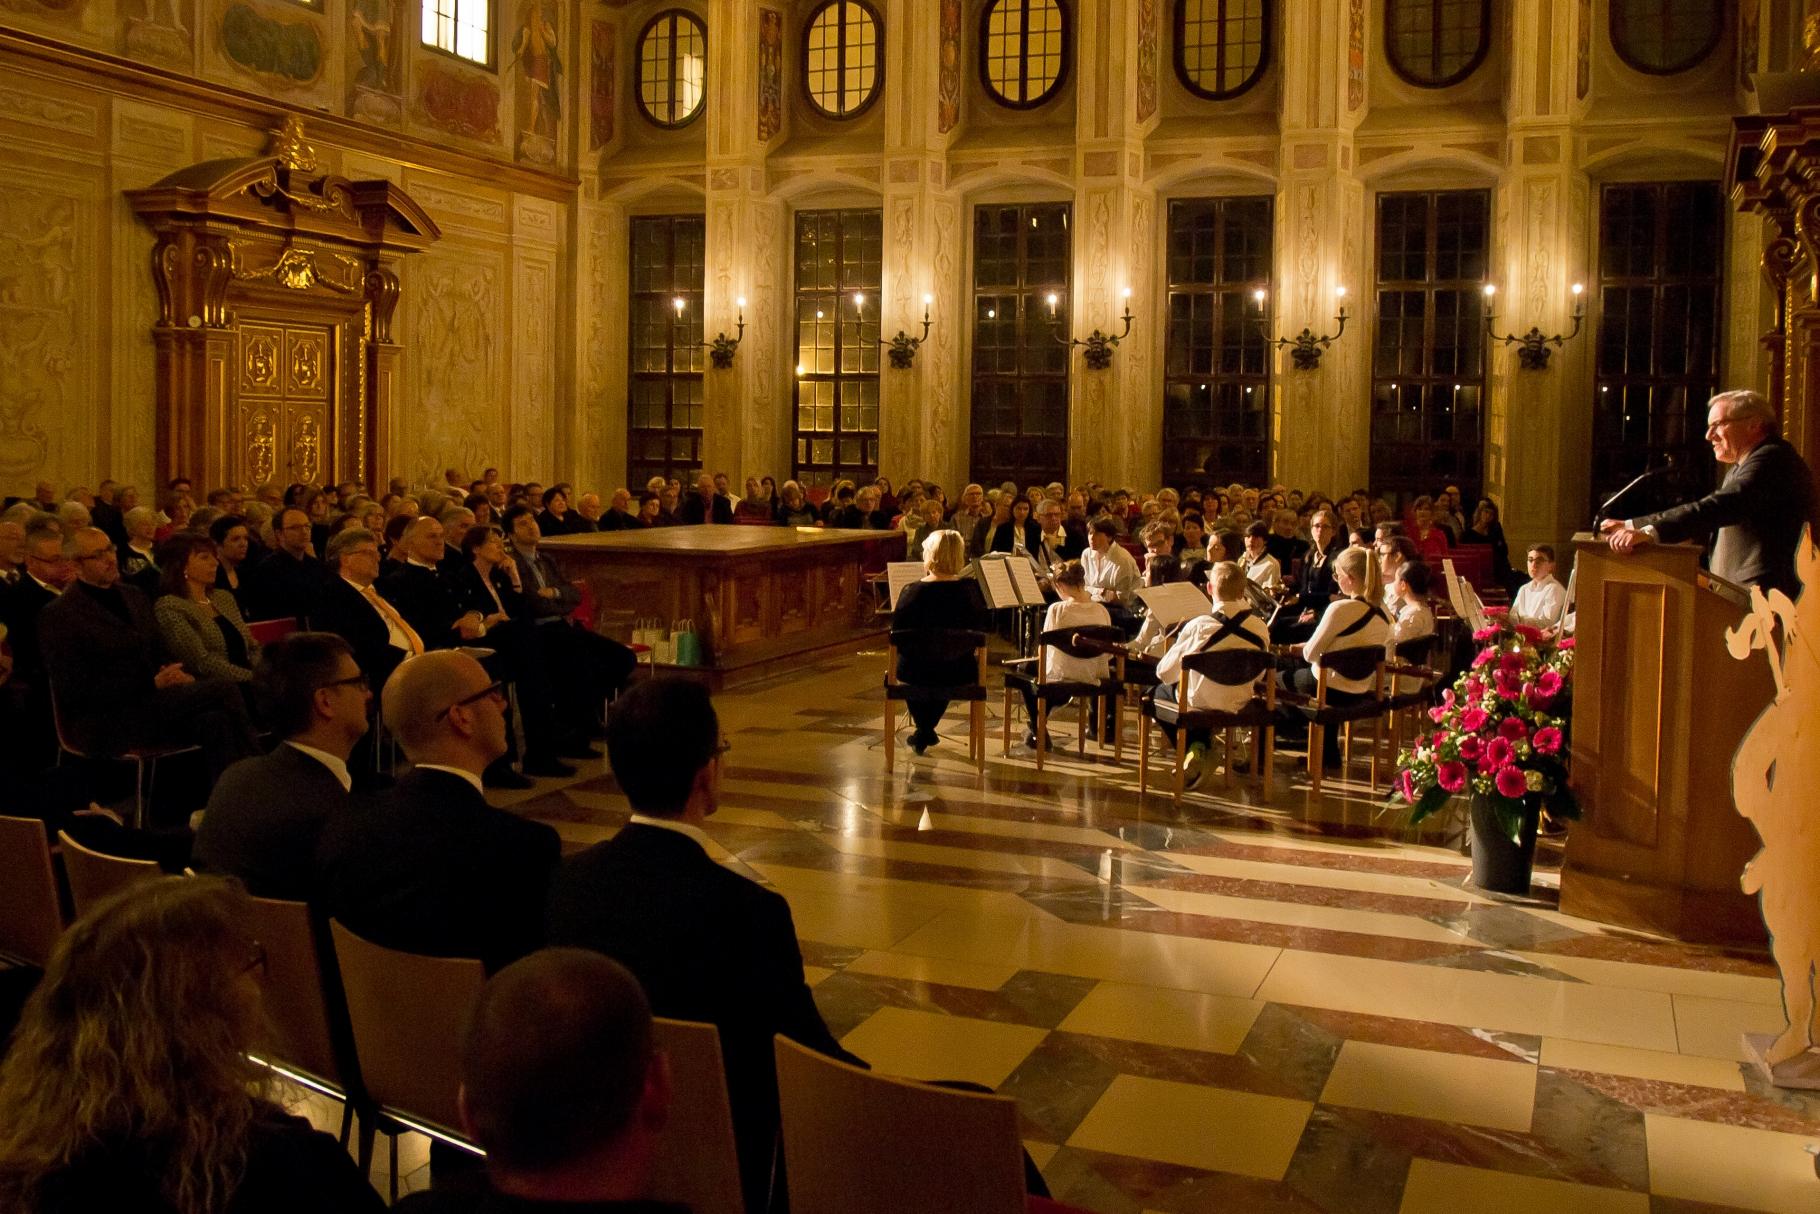 Festakt 20 Jahre Freiwilligen-Zentrum Augsburg - 24.03.2017 im Goldenen Saal Rathaus Augsburg - Foto: Robert Hösle